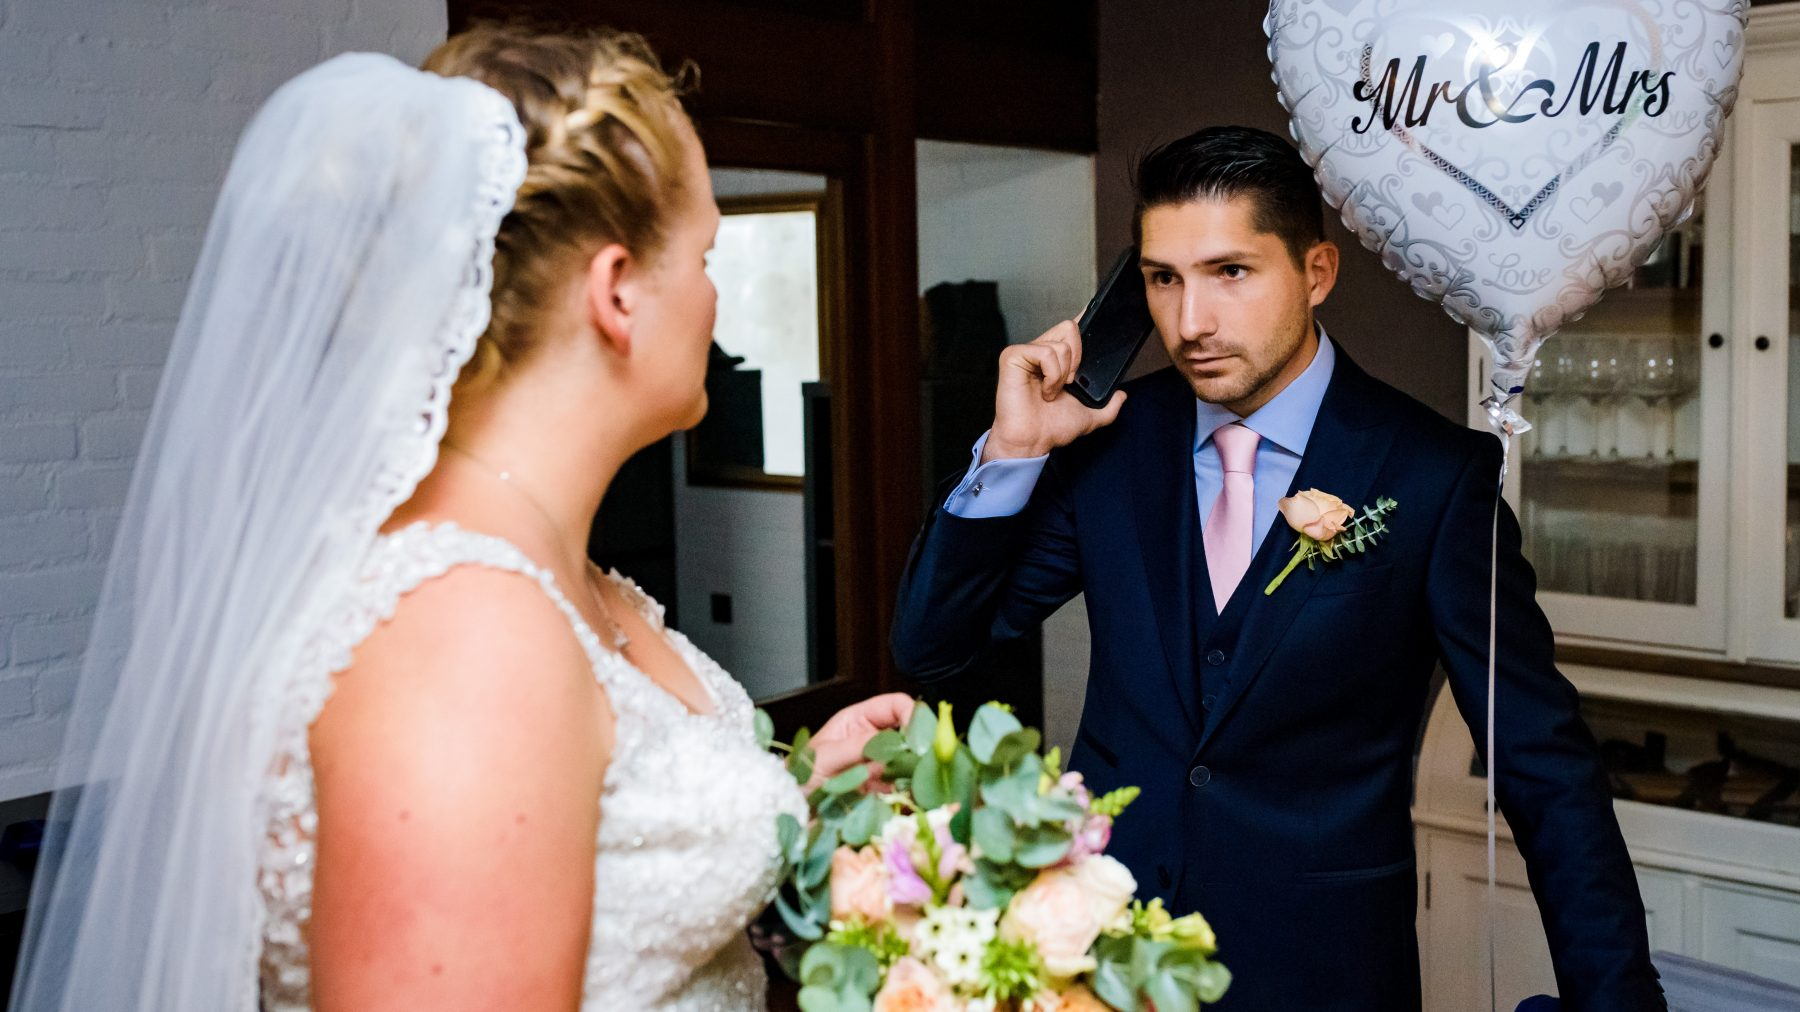 Een inbraak verpestte Michels bruiloft: 'Vol stress de trouwauto in'